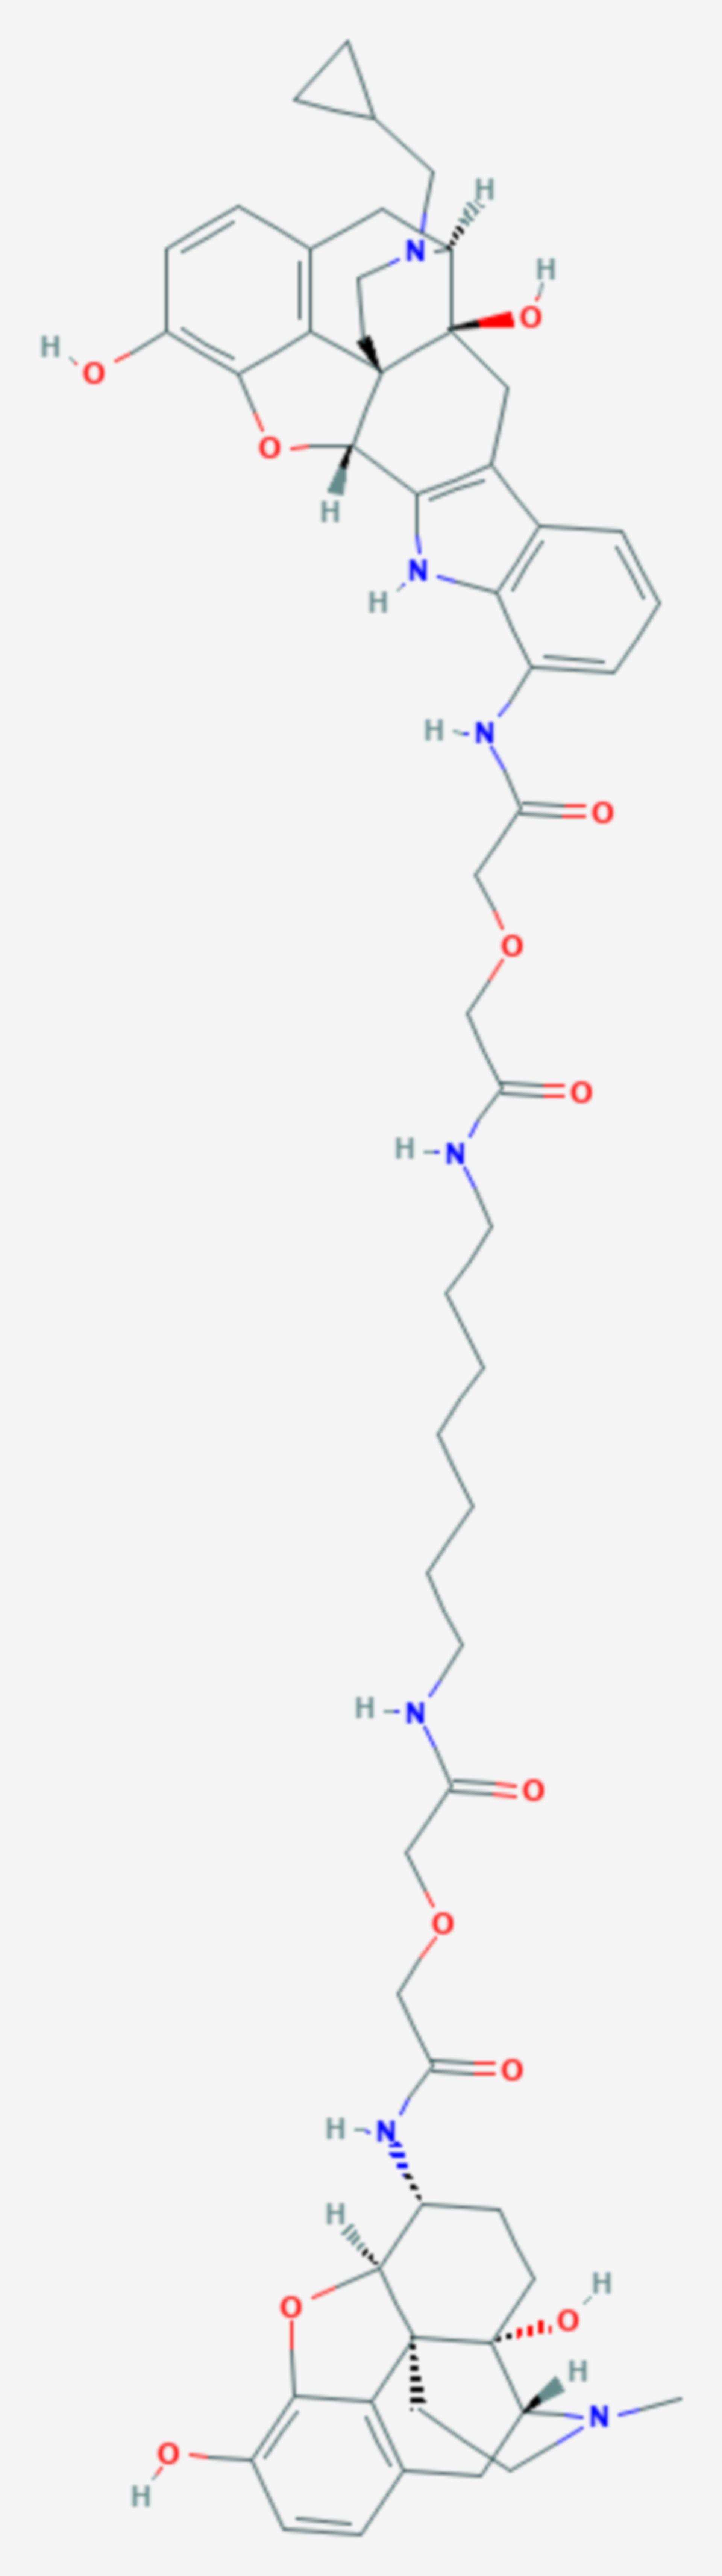 MDAN-21 (Strukturformel)